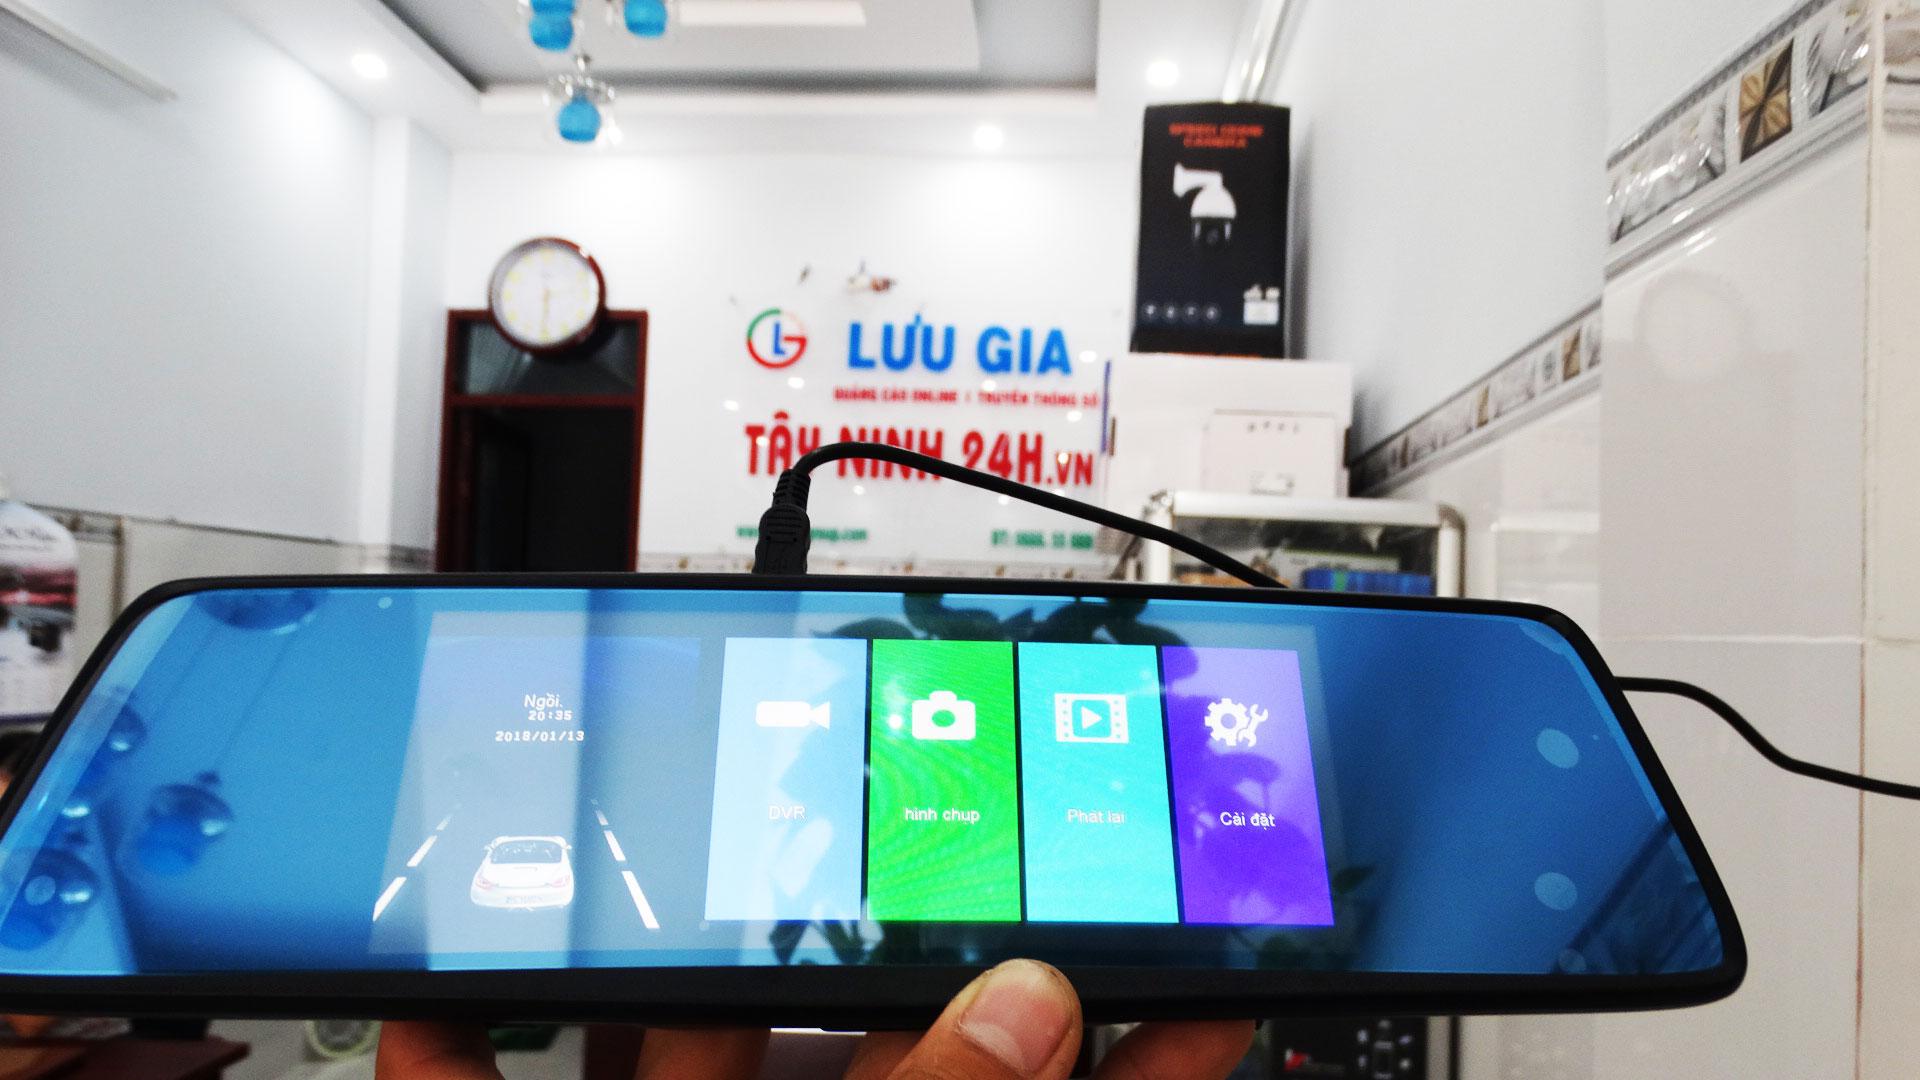 Camera hành trình Gương LG Smart Life G7 - Ghi hình trước sau - sieuthitayninh.vn